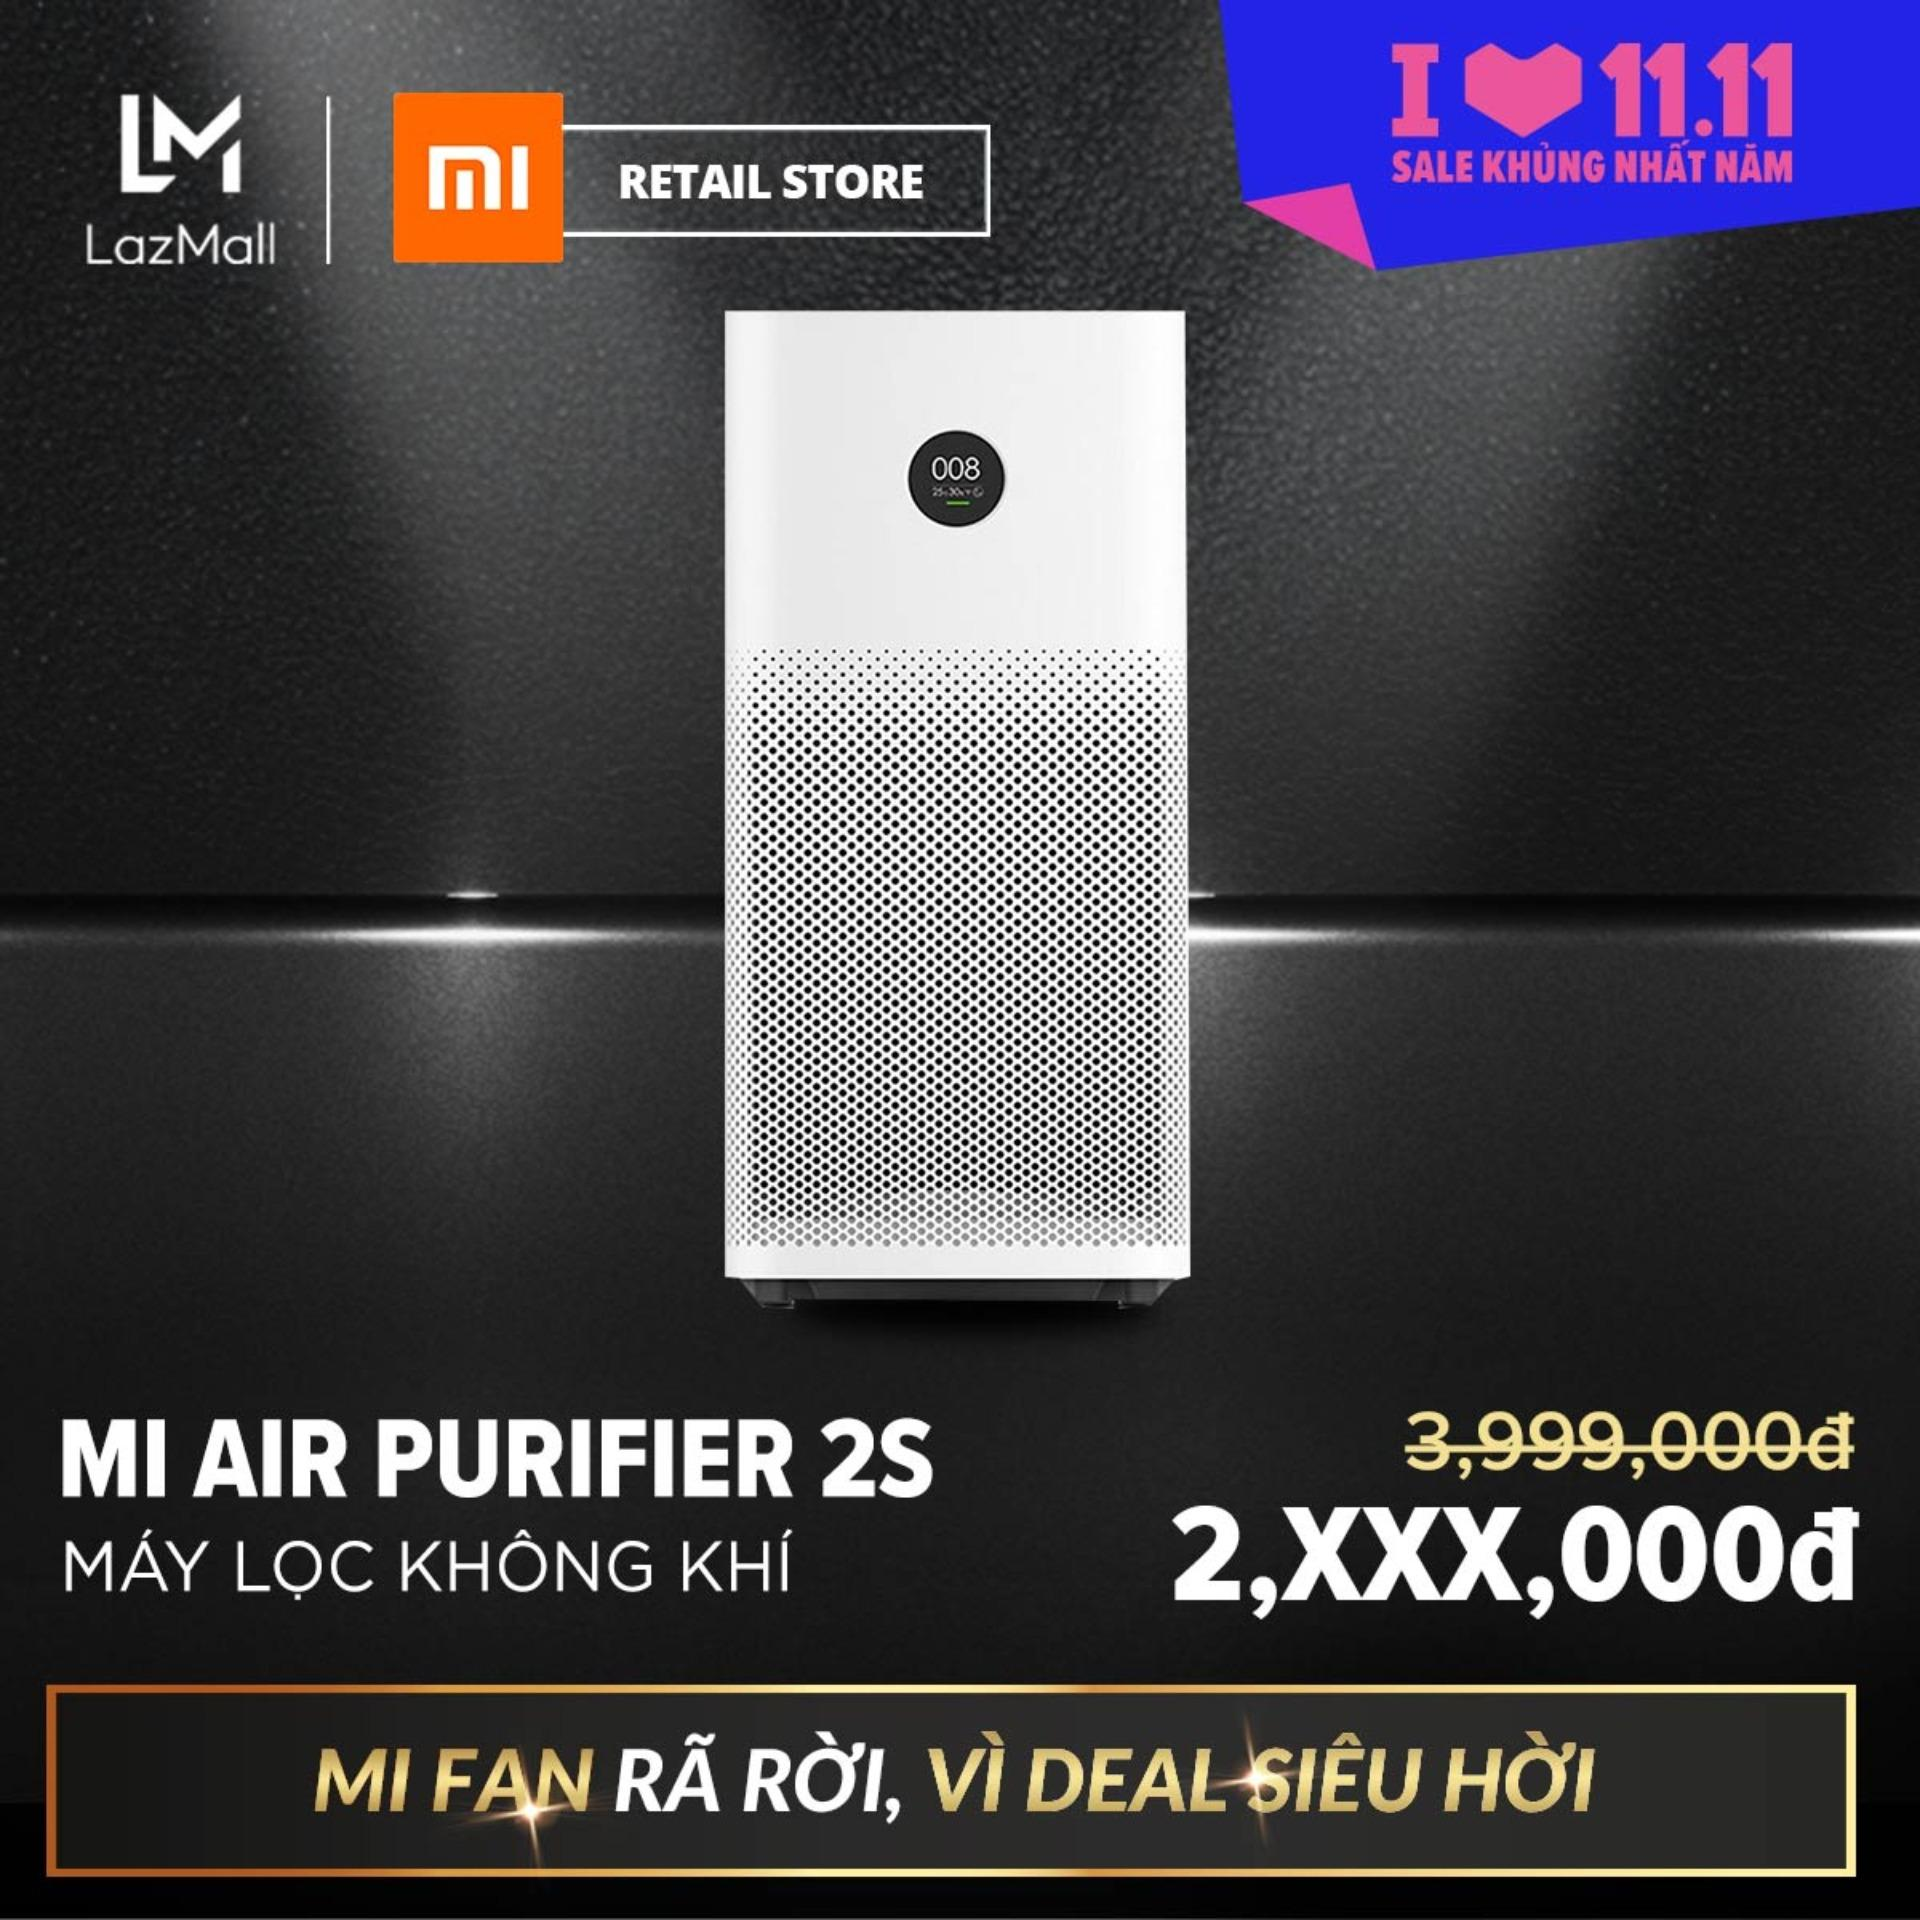 Máy Lọc Không Khí Xiaomi Mi Air Purifier 2S FJY4015CN (Trắng) - Hàng phân phối chính hãng, phù hợp với diện tích 21 - 37m2